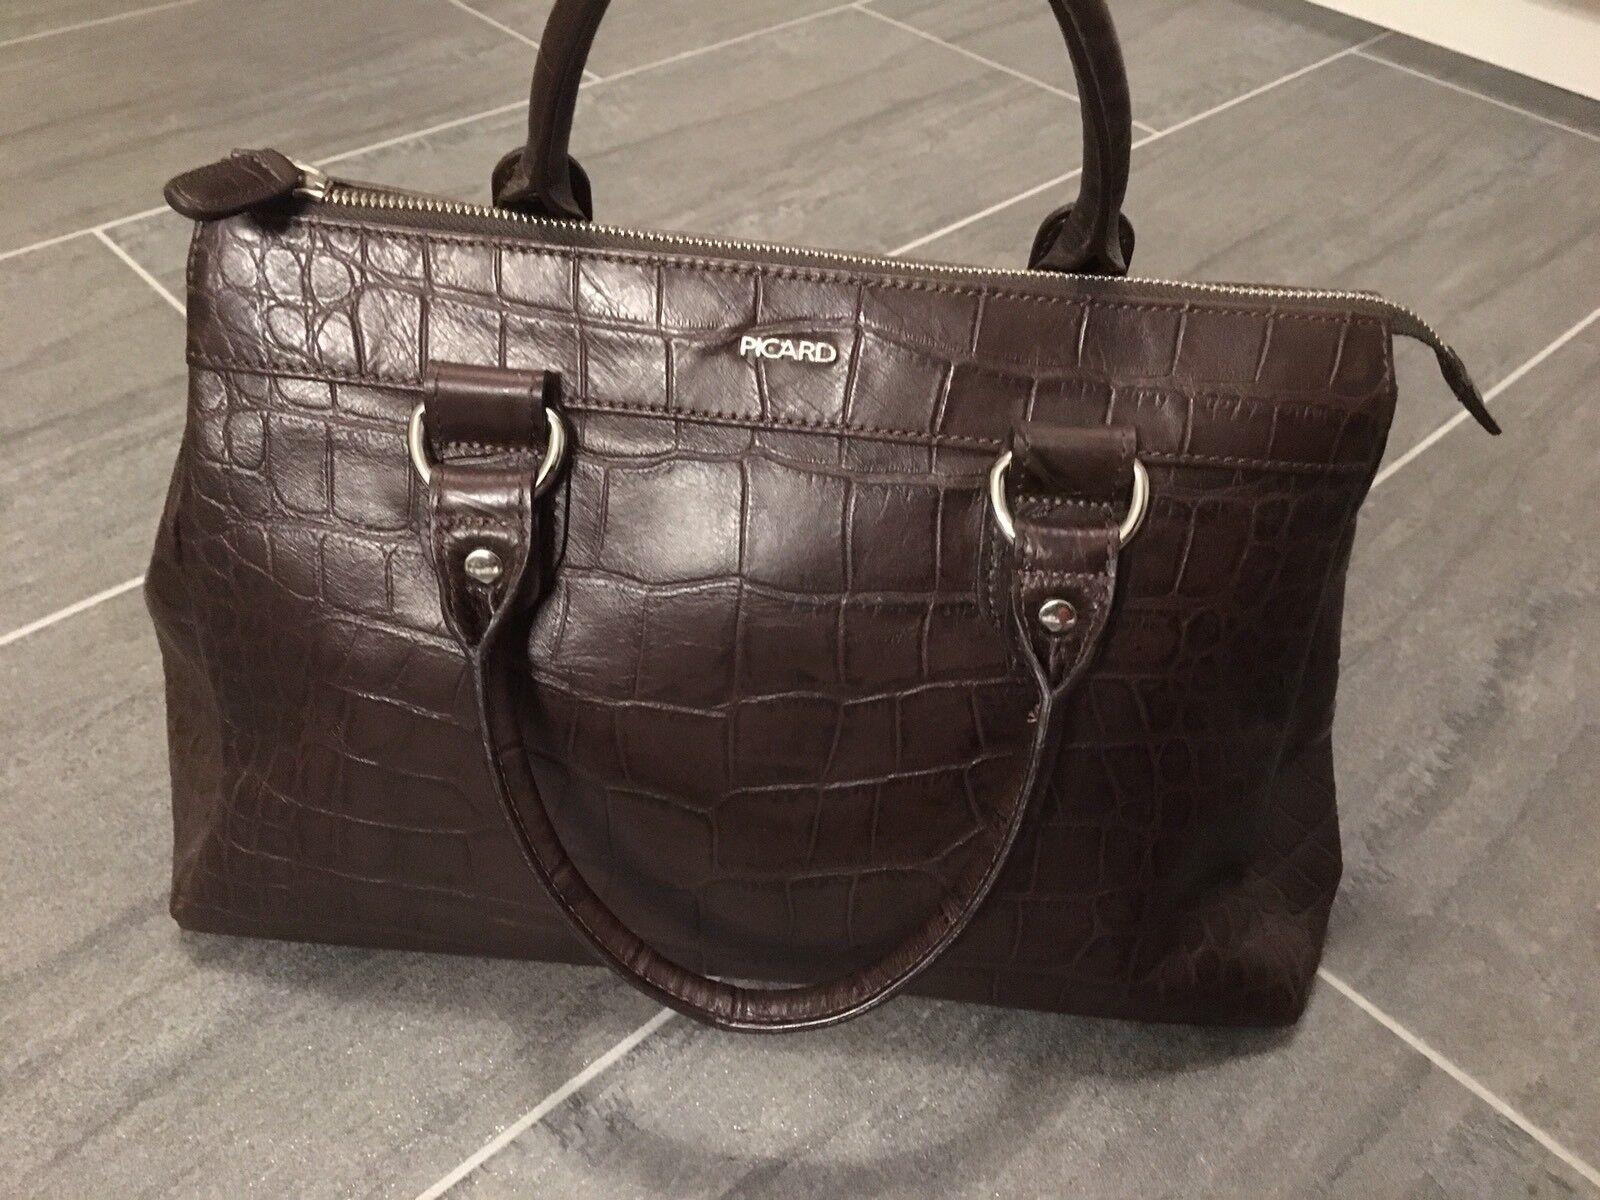 Damen Damen Damen Tasche von picard   Sehr gute Qualität  1f449e